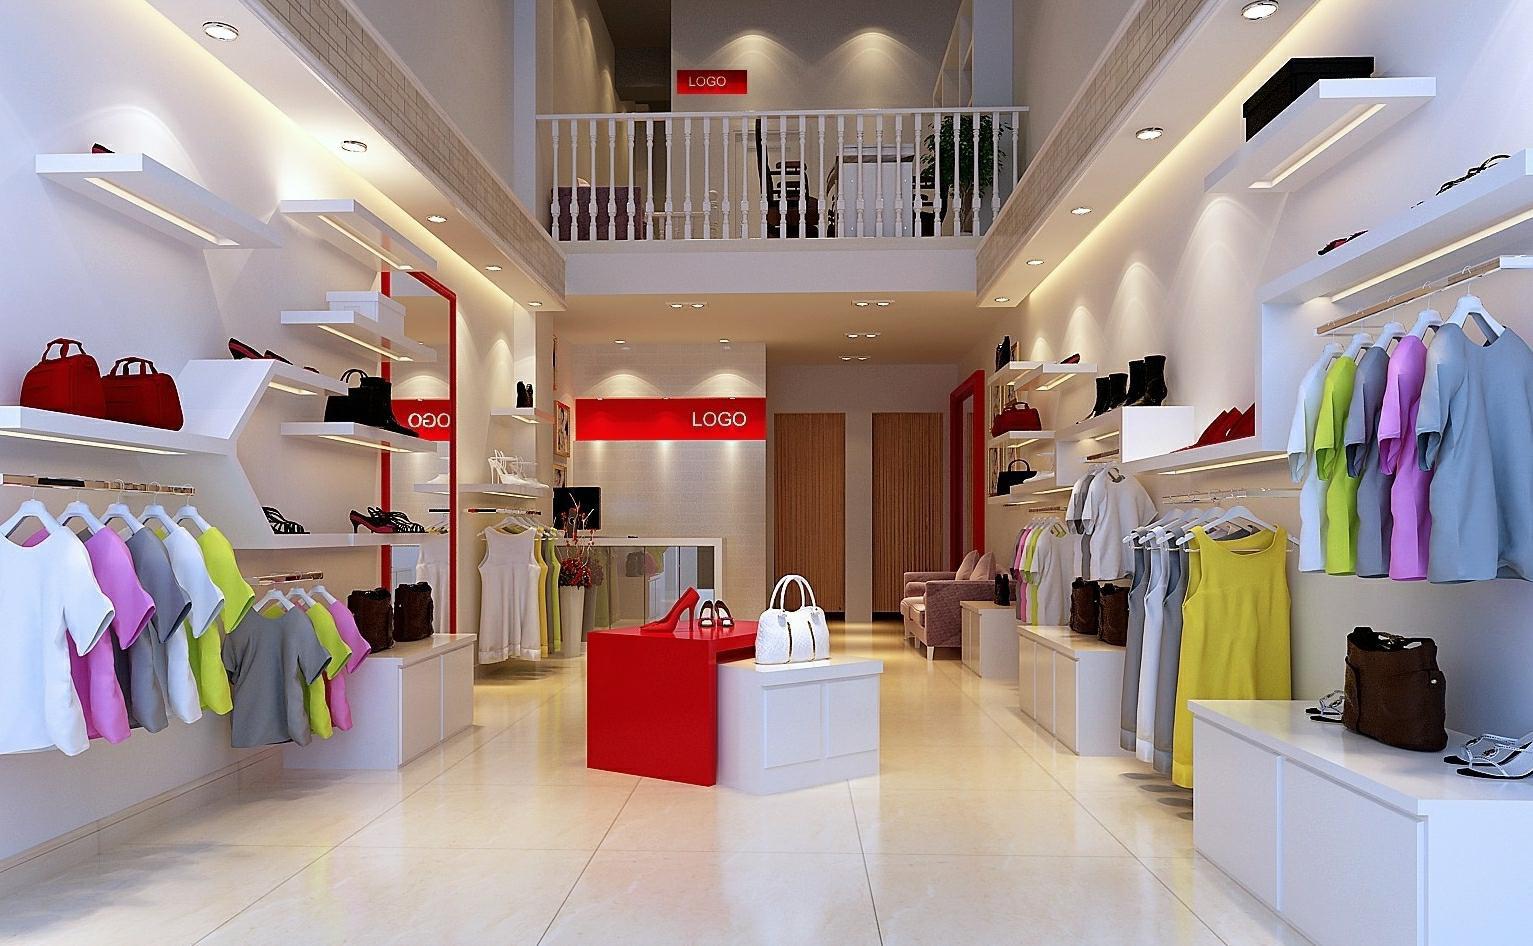 衣服店如何装修 衣服店怎么装修